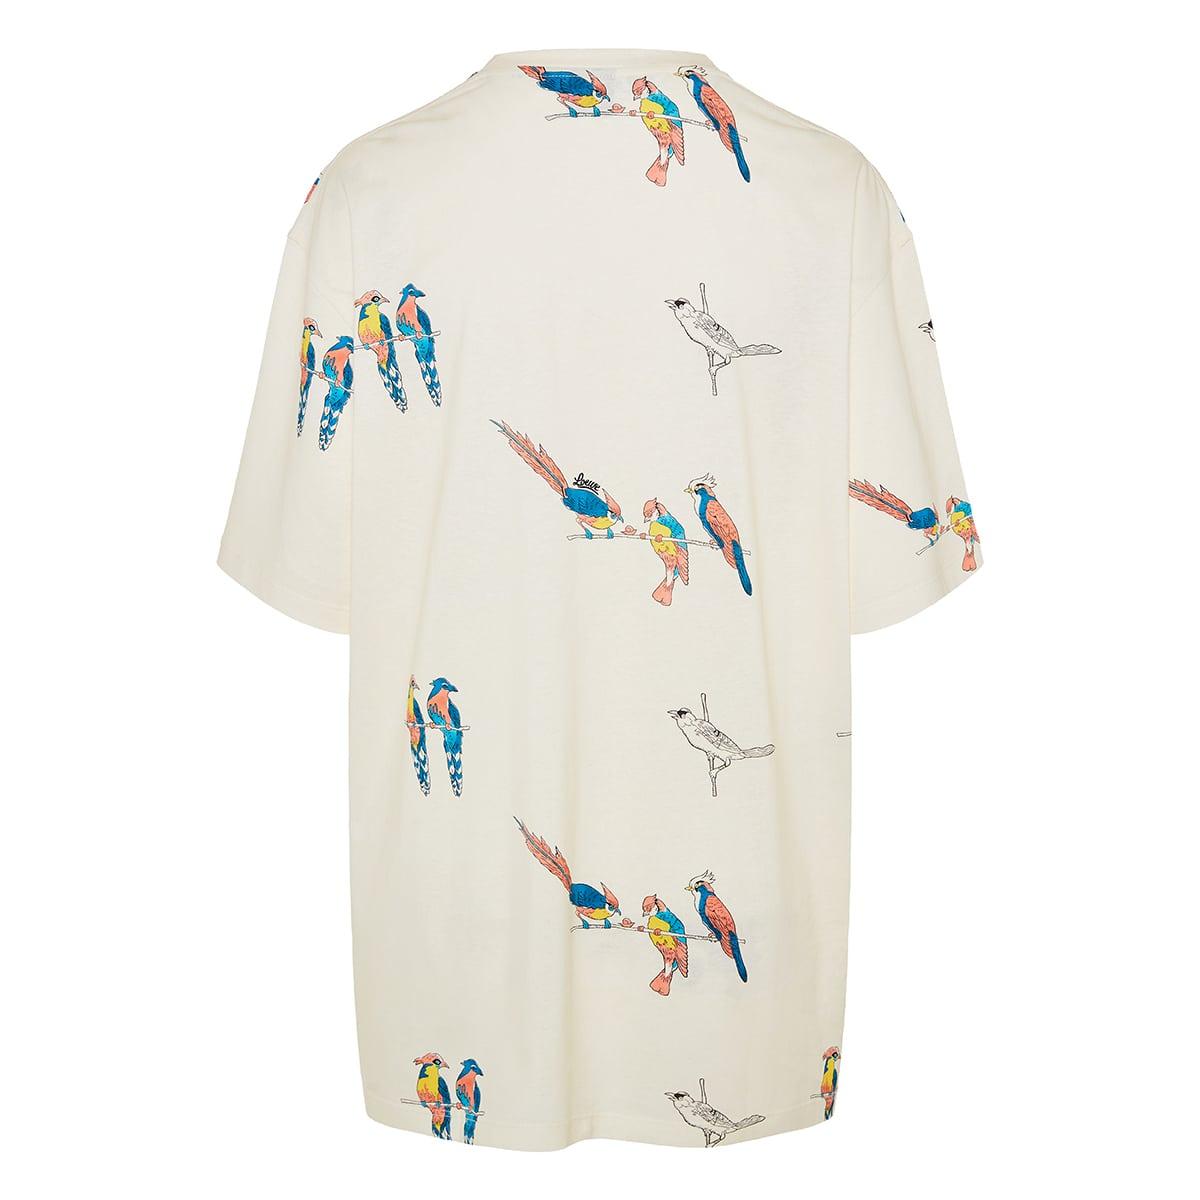 Parrot oversized logo t-shirt